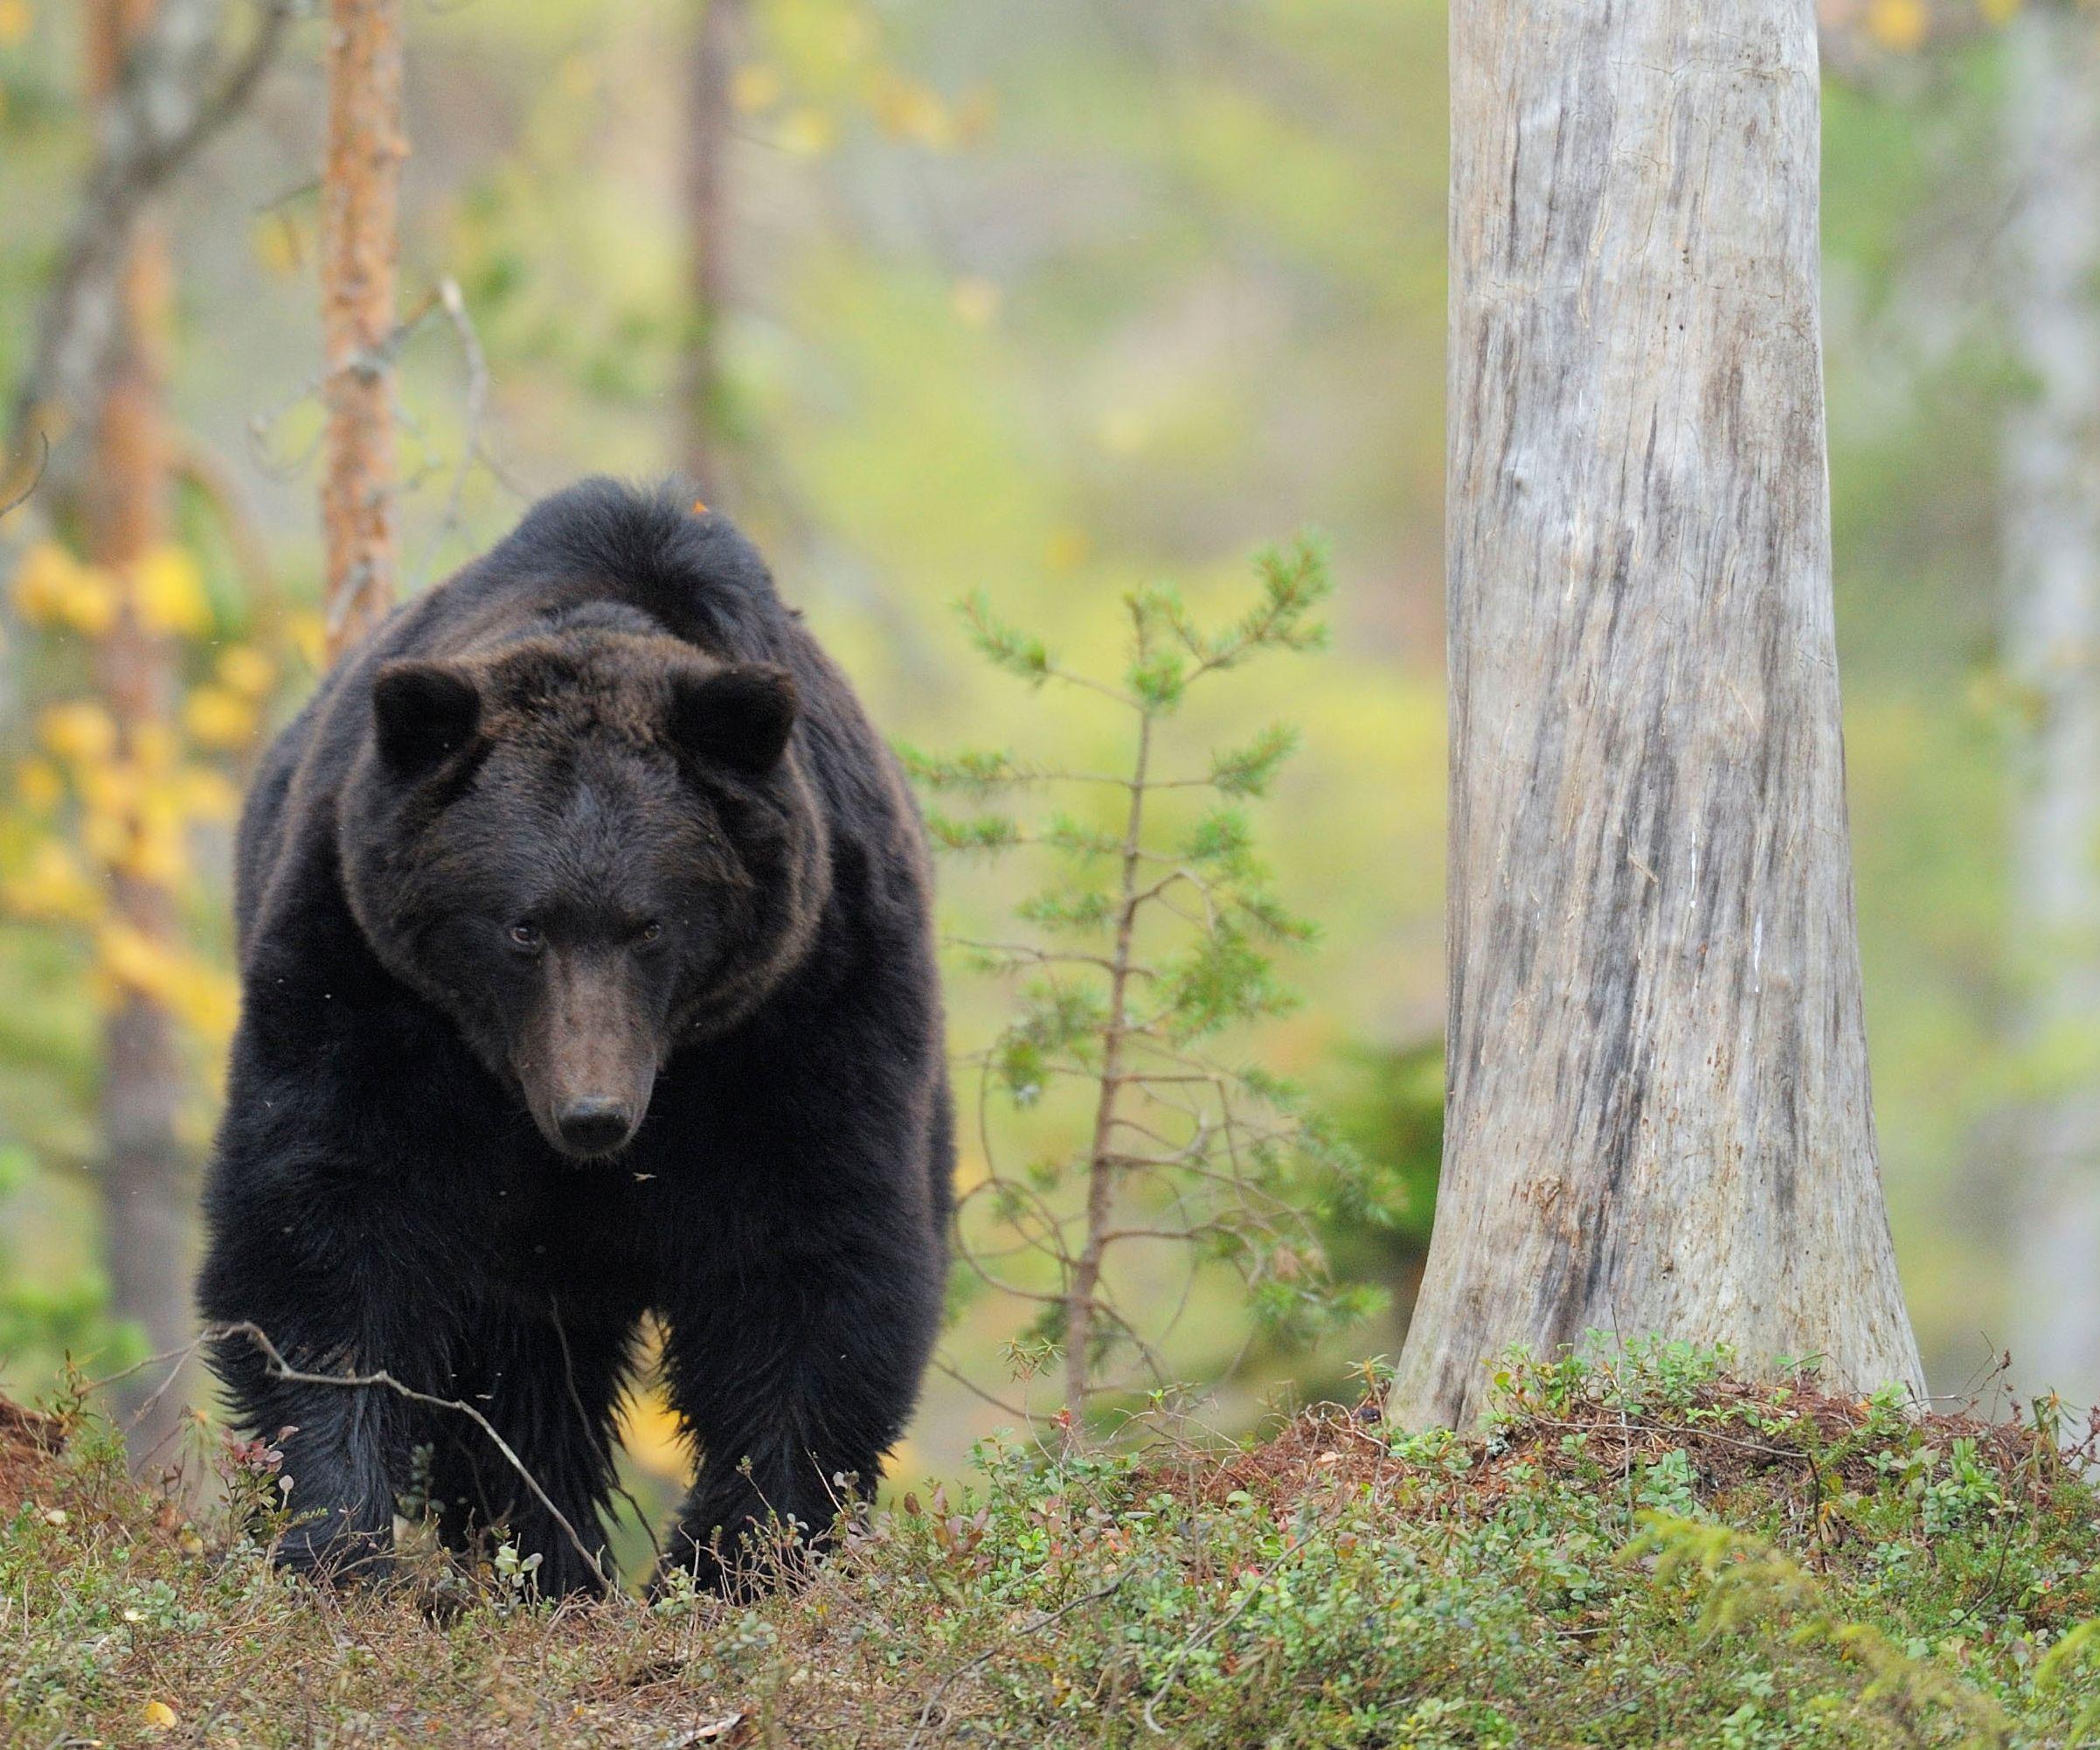 Bären fressen Honig und Bienenlarven